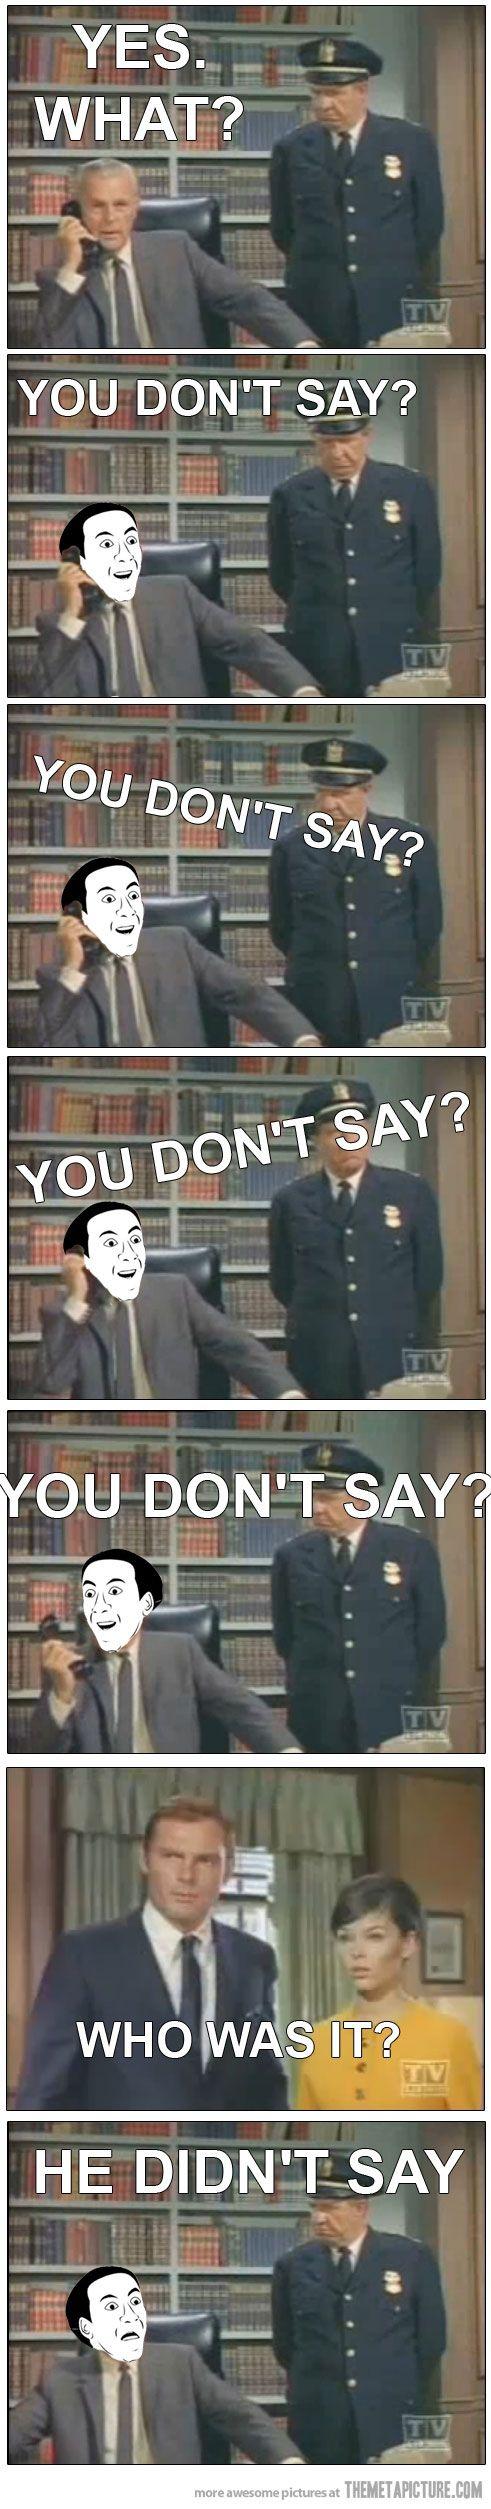 2667268c5637d41fc00f056f038da5b9 batman meme cool stuff 60 best you don't say memes images on pinterest you don't say,Ya Dont Say Meme